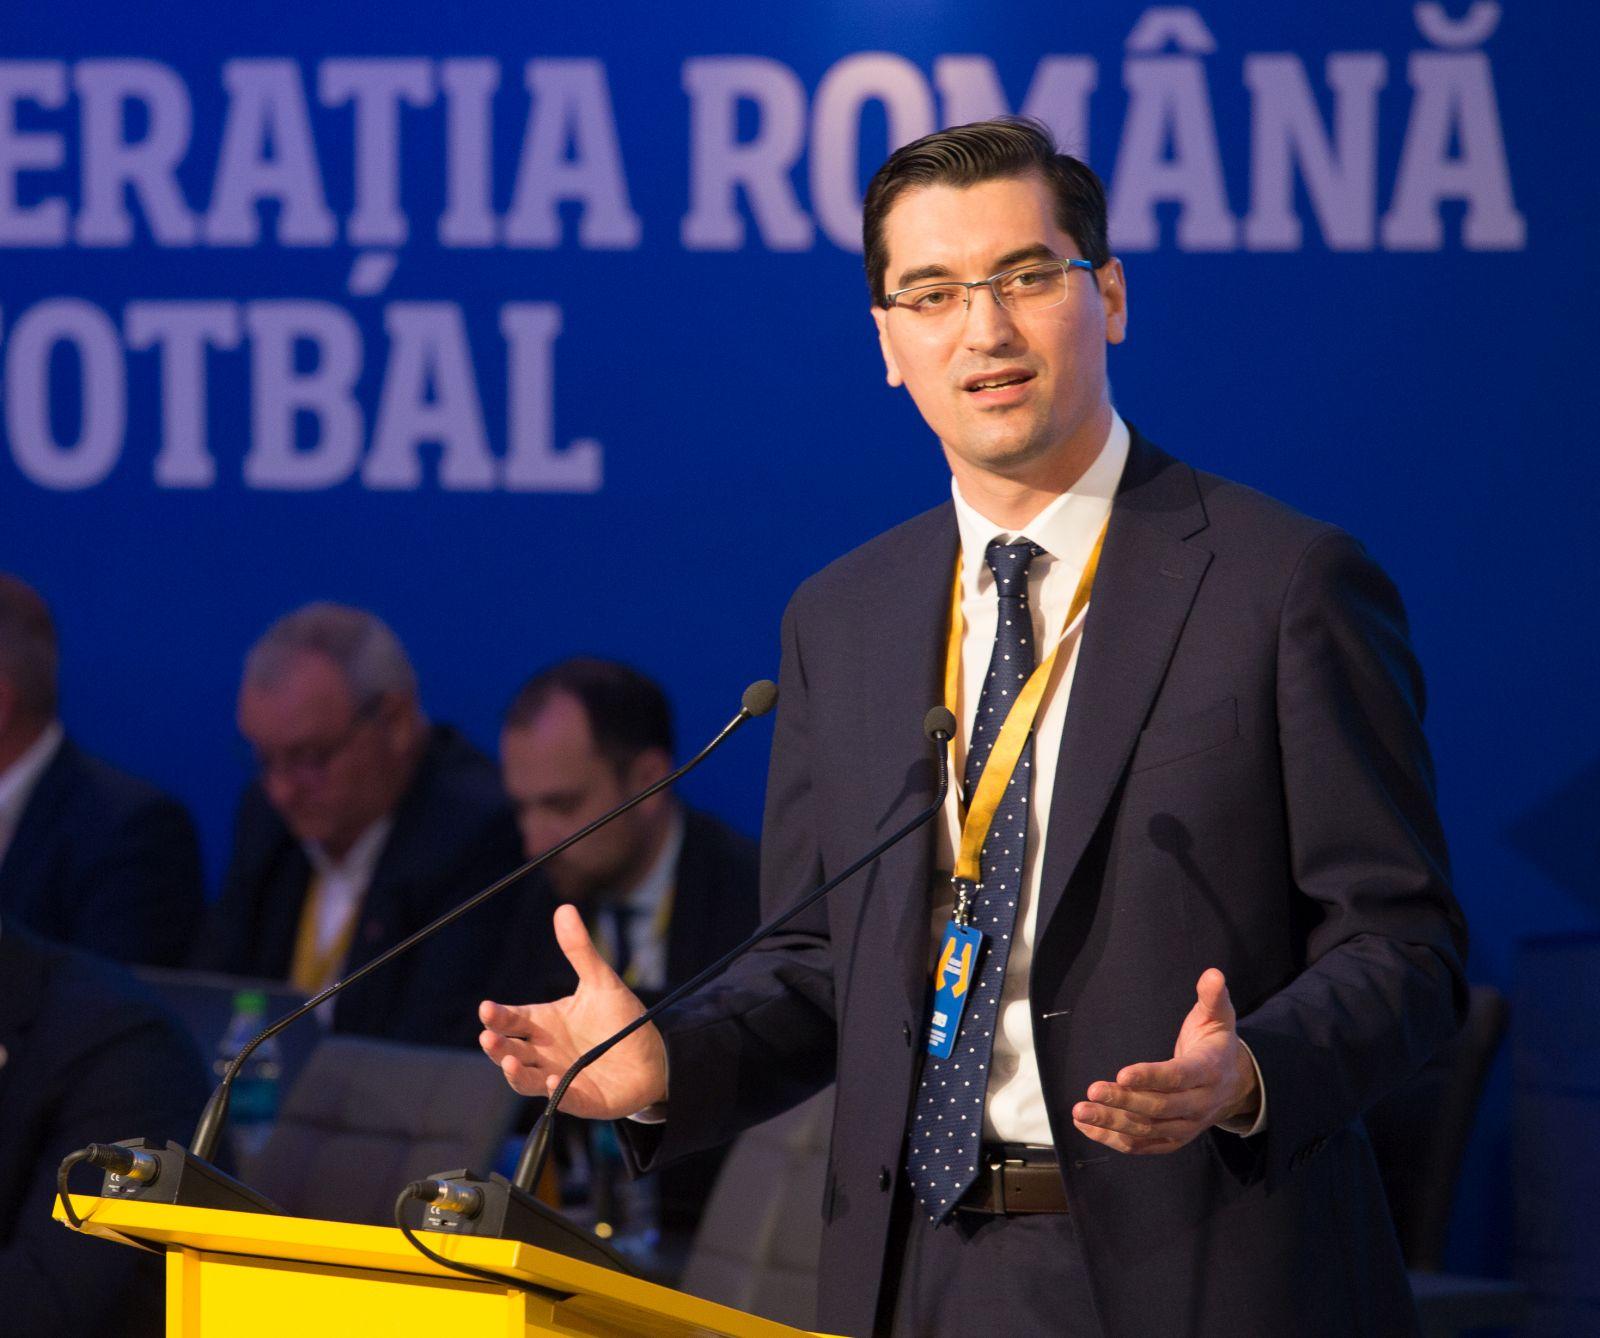 E OFICIAL! Vom avea 16 echipe din sezonul viitor de Liga 1!